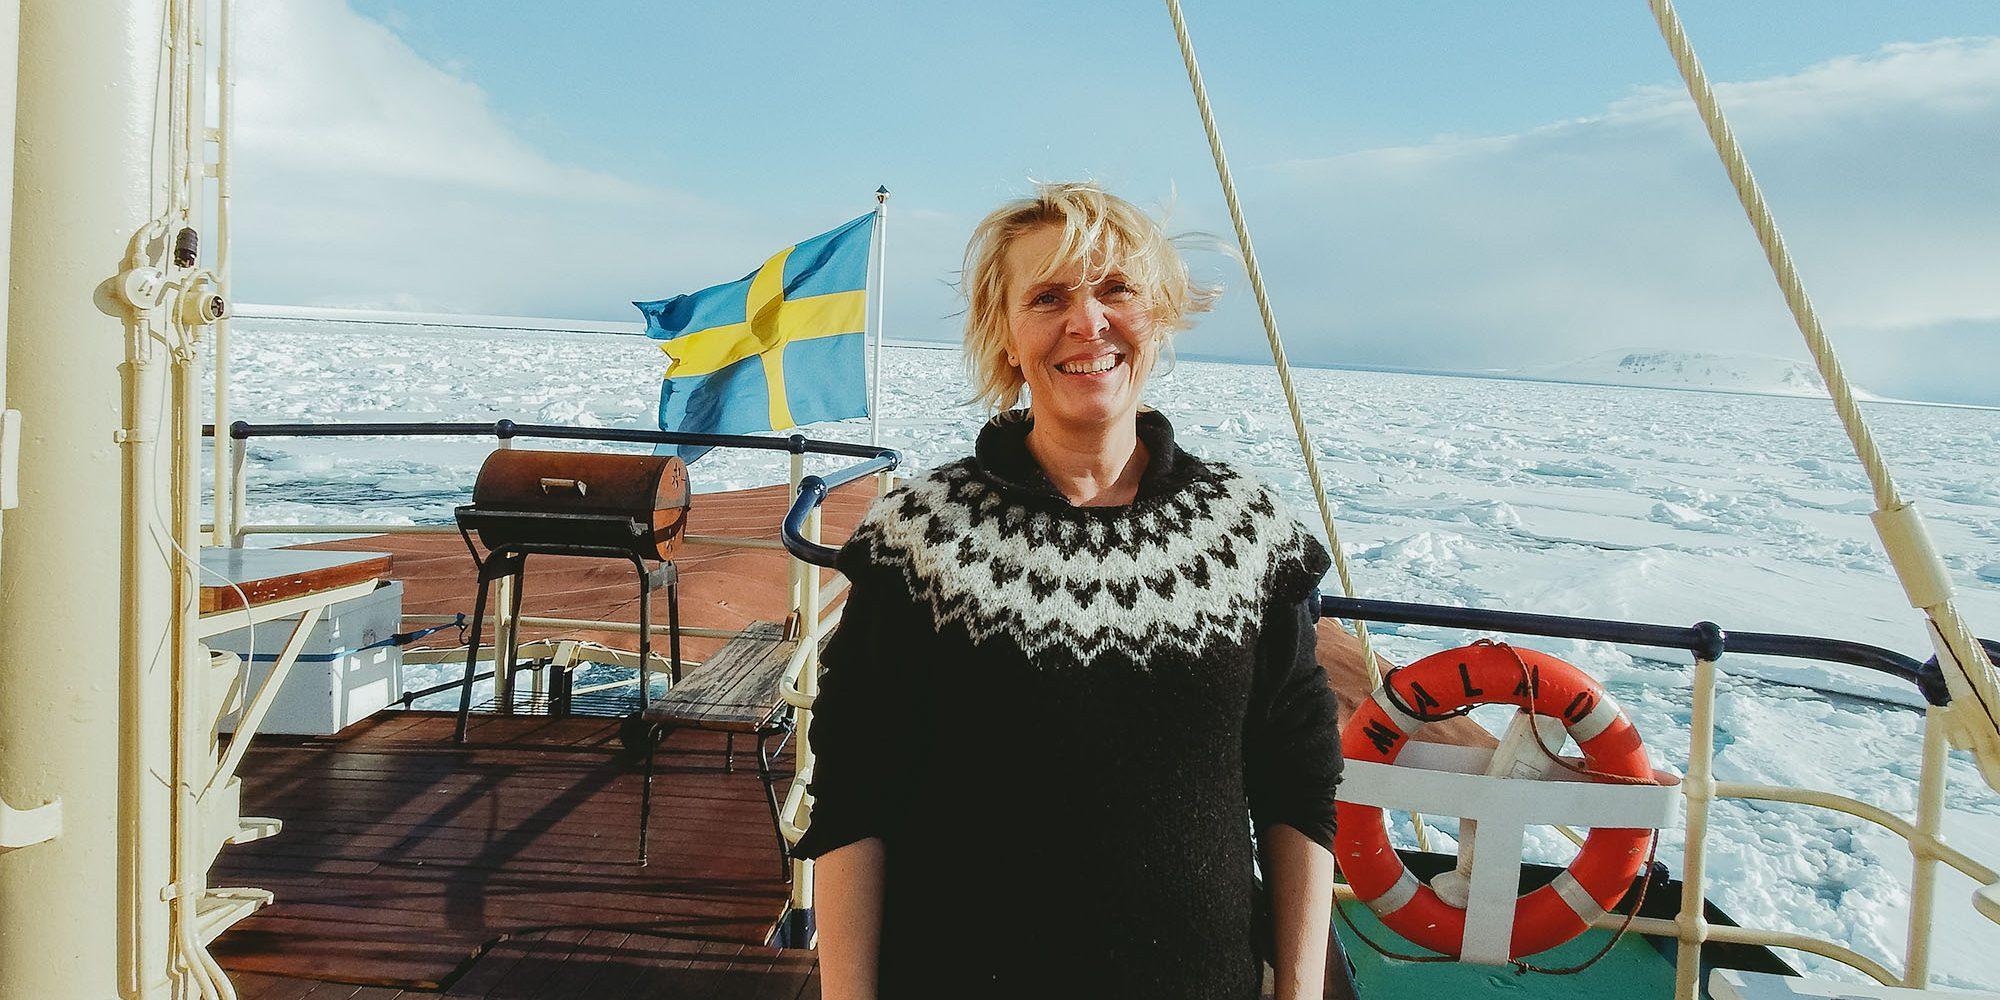 Anna Lena